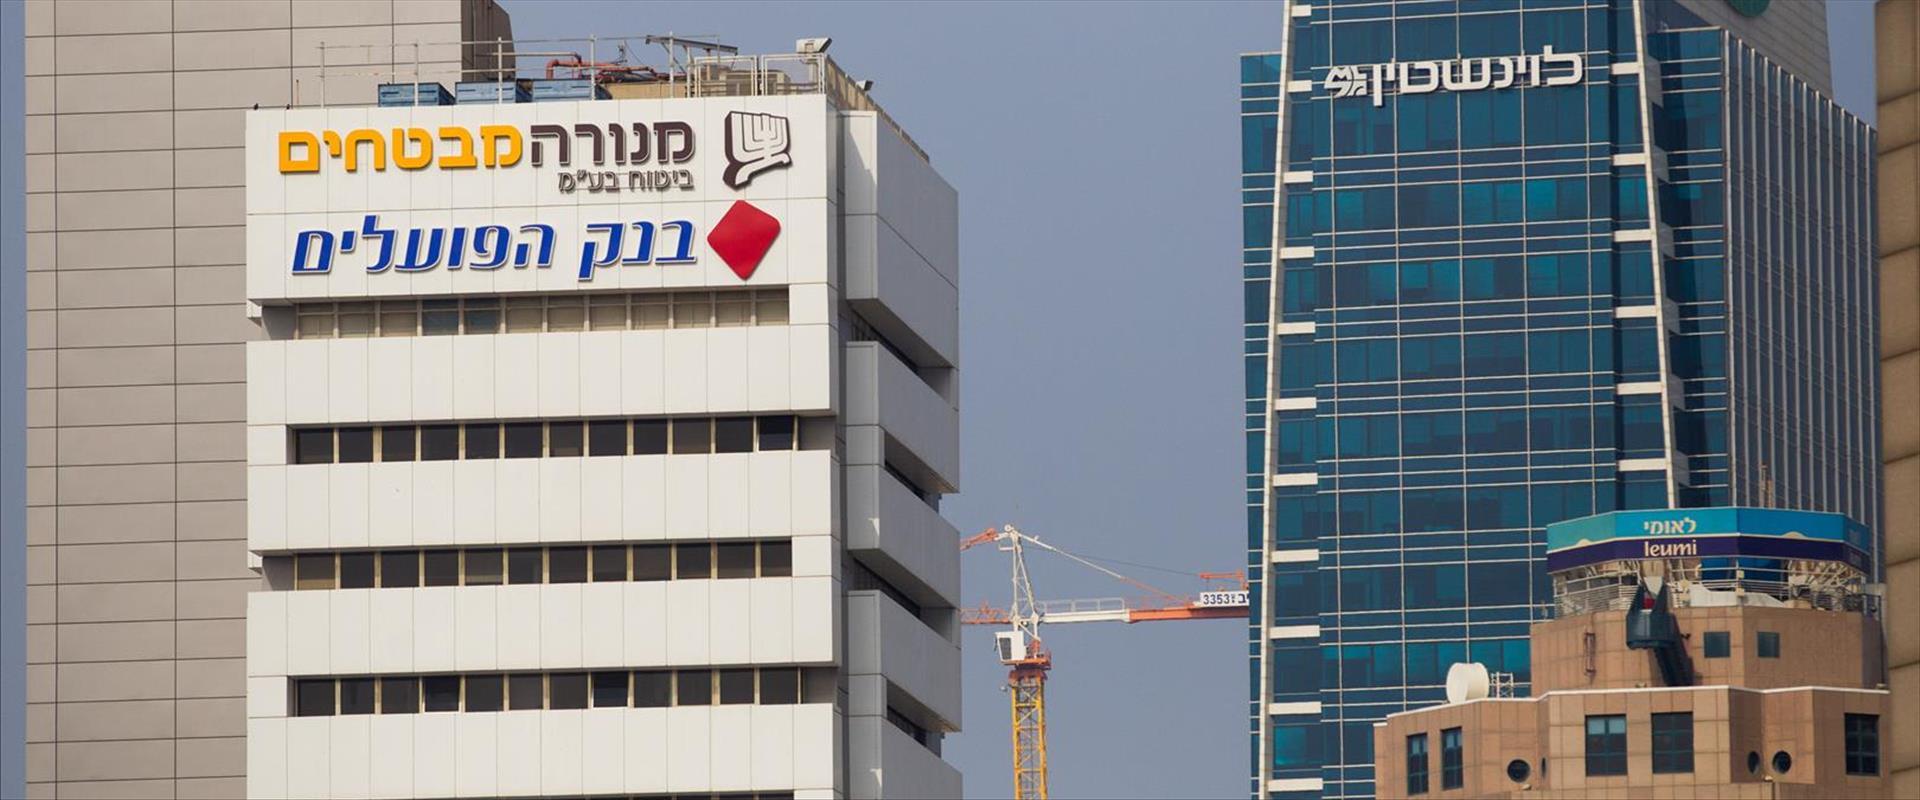 בנקים בתל אביב